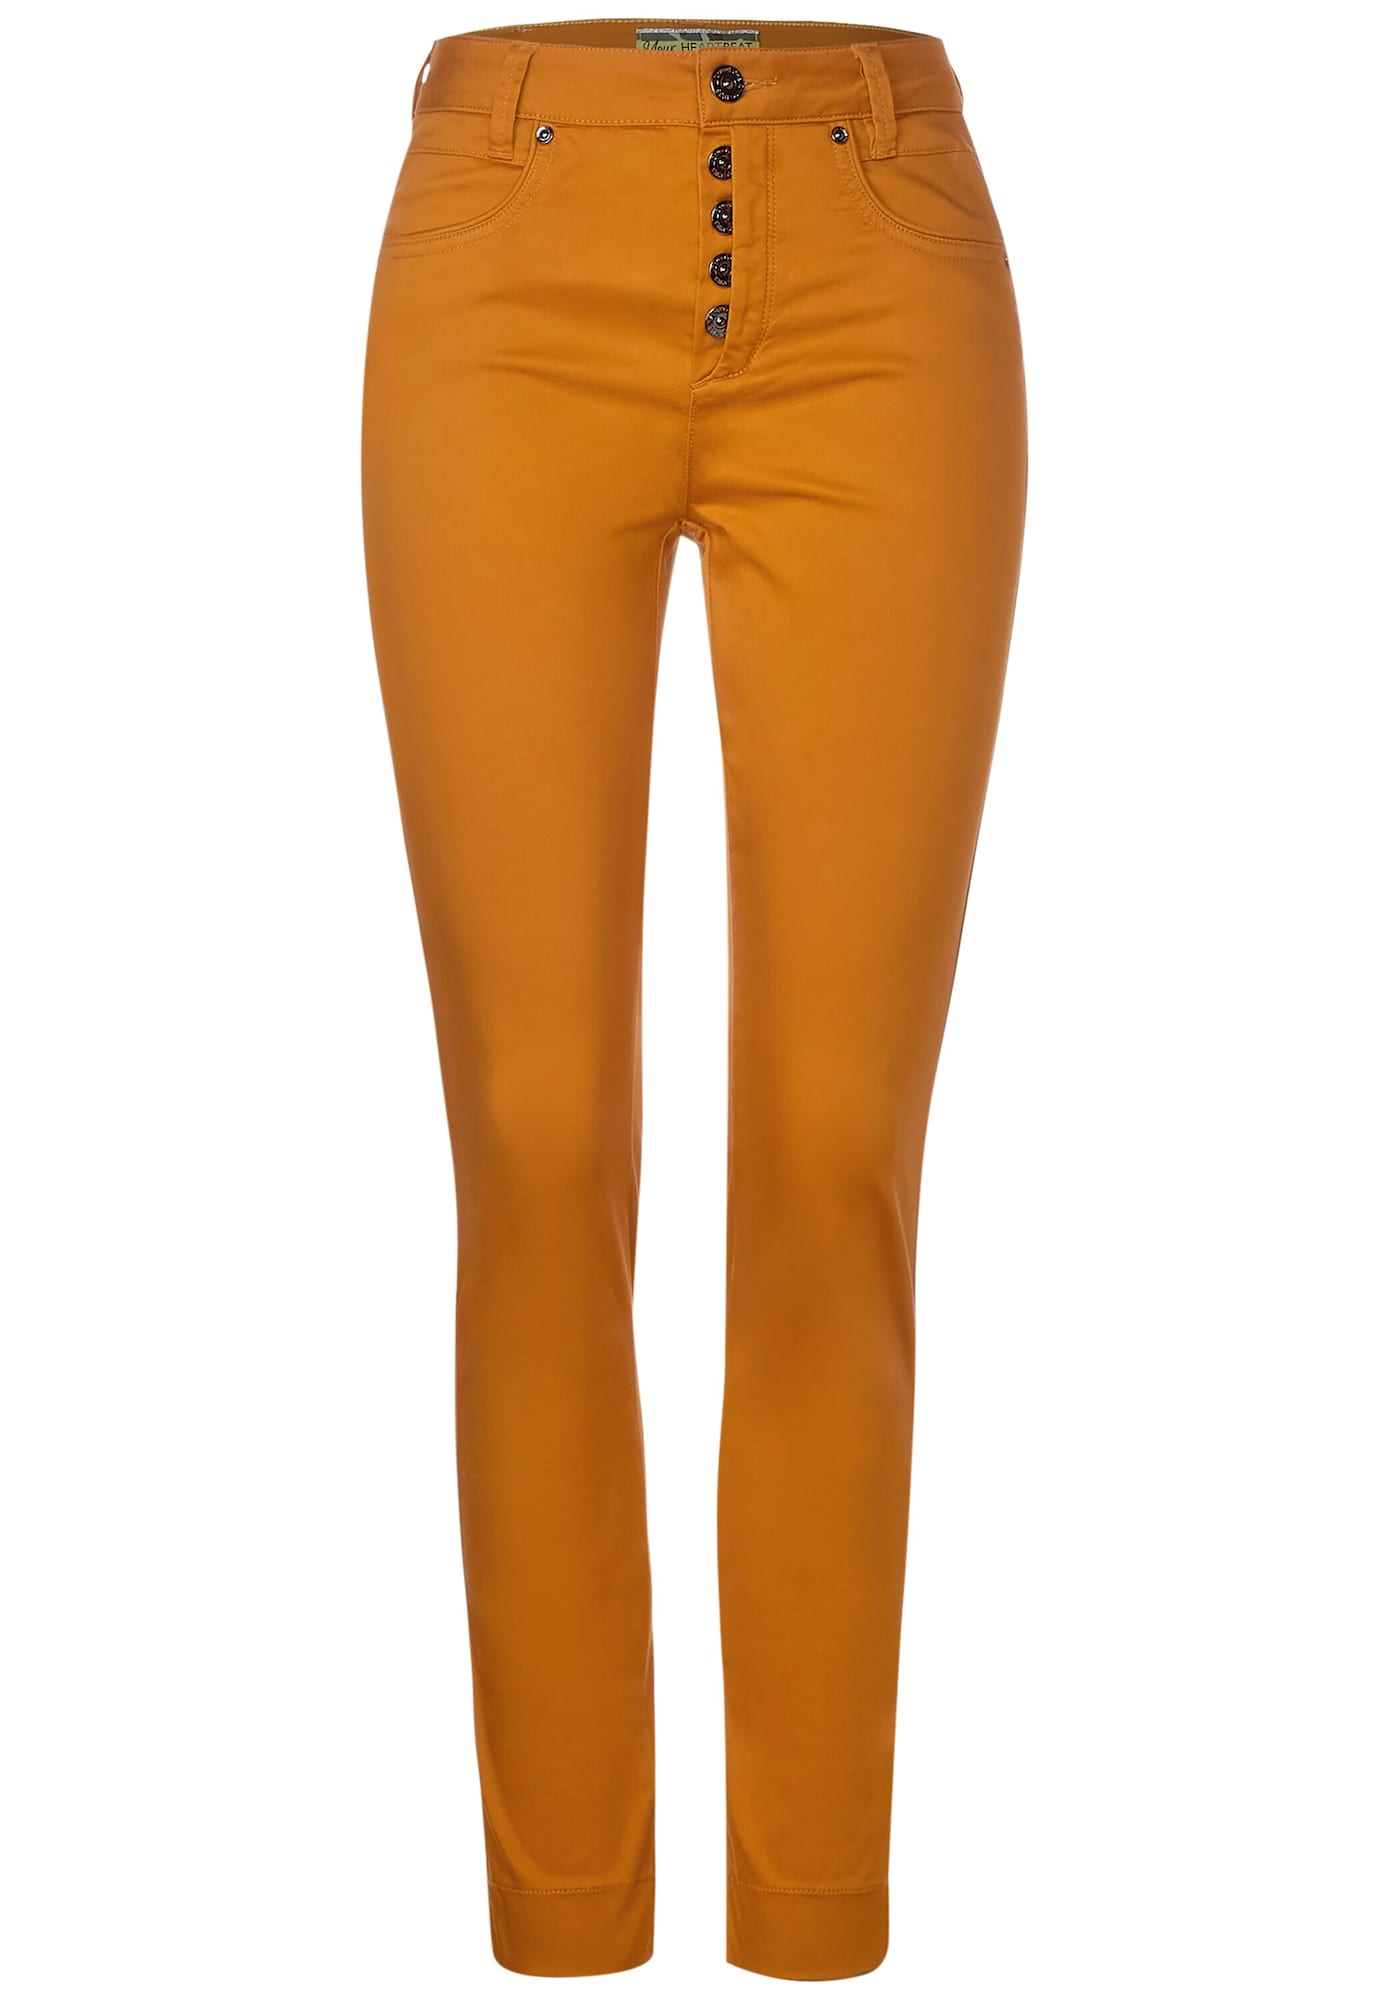 STREET ONE Kelnės oranžinė